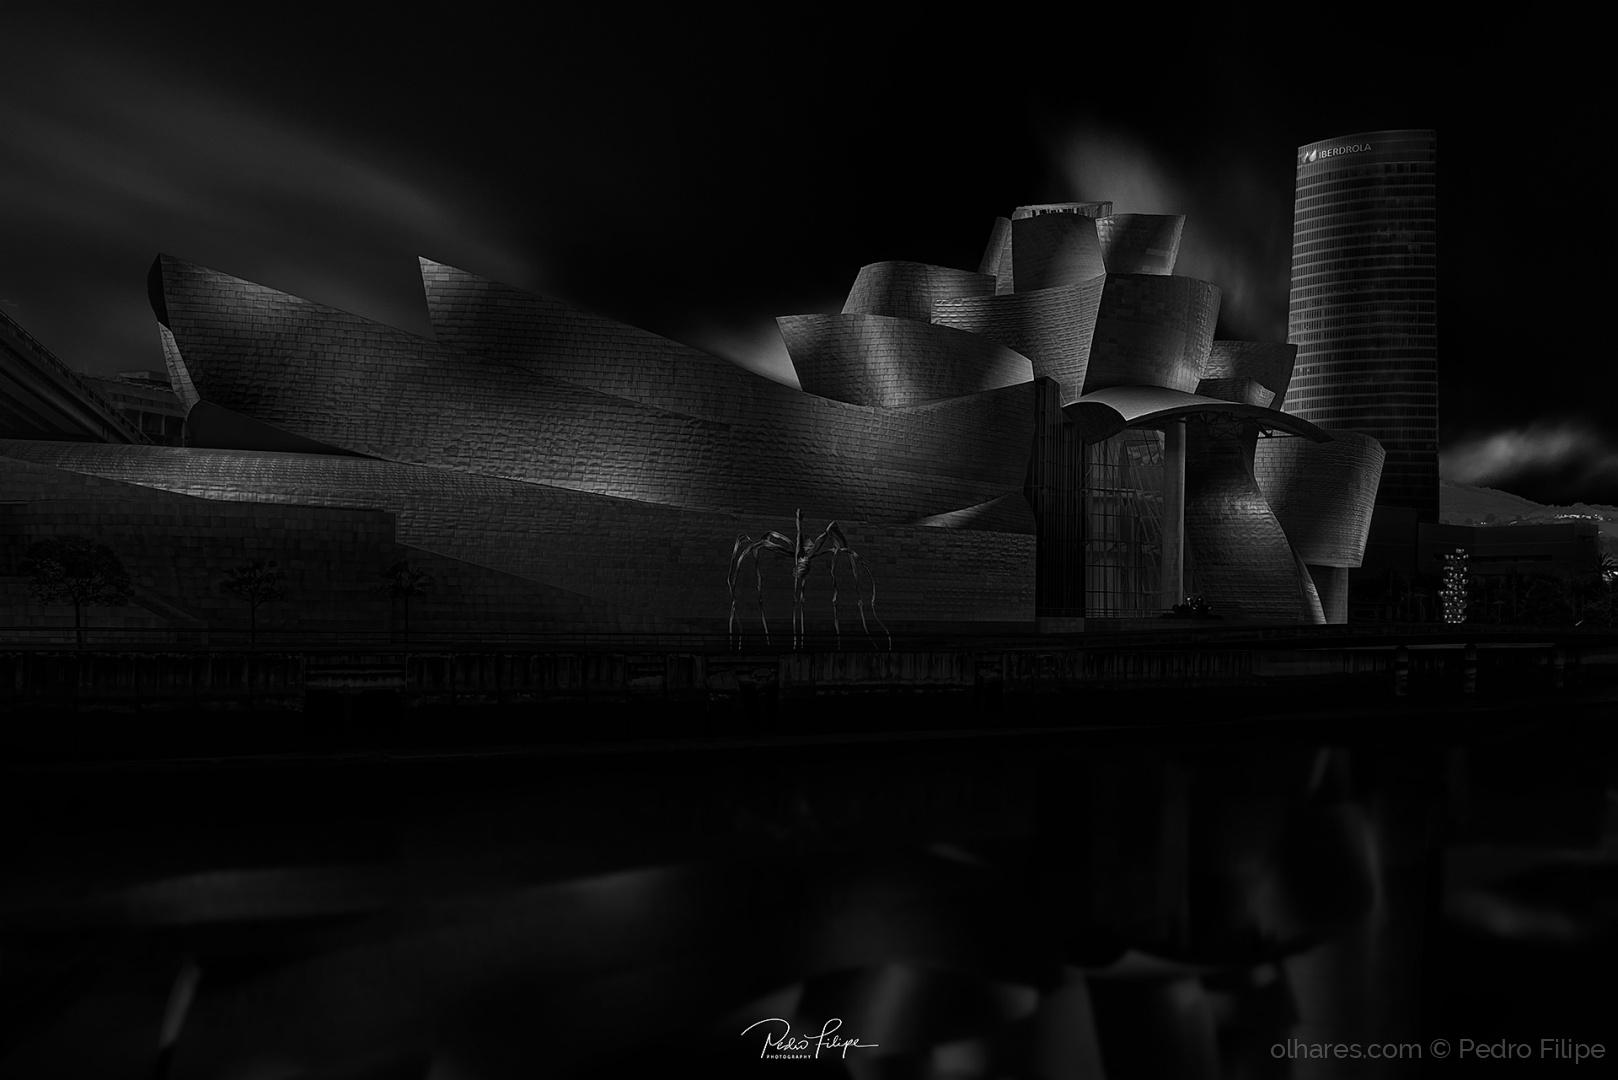 Arquitetura/Guggenheim